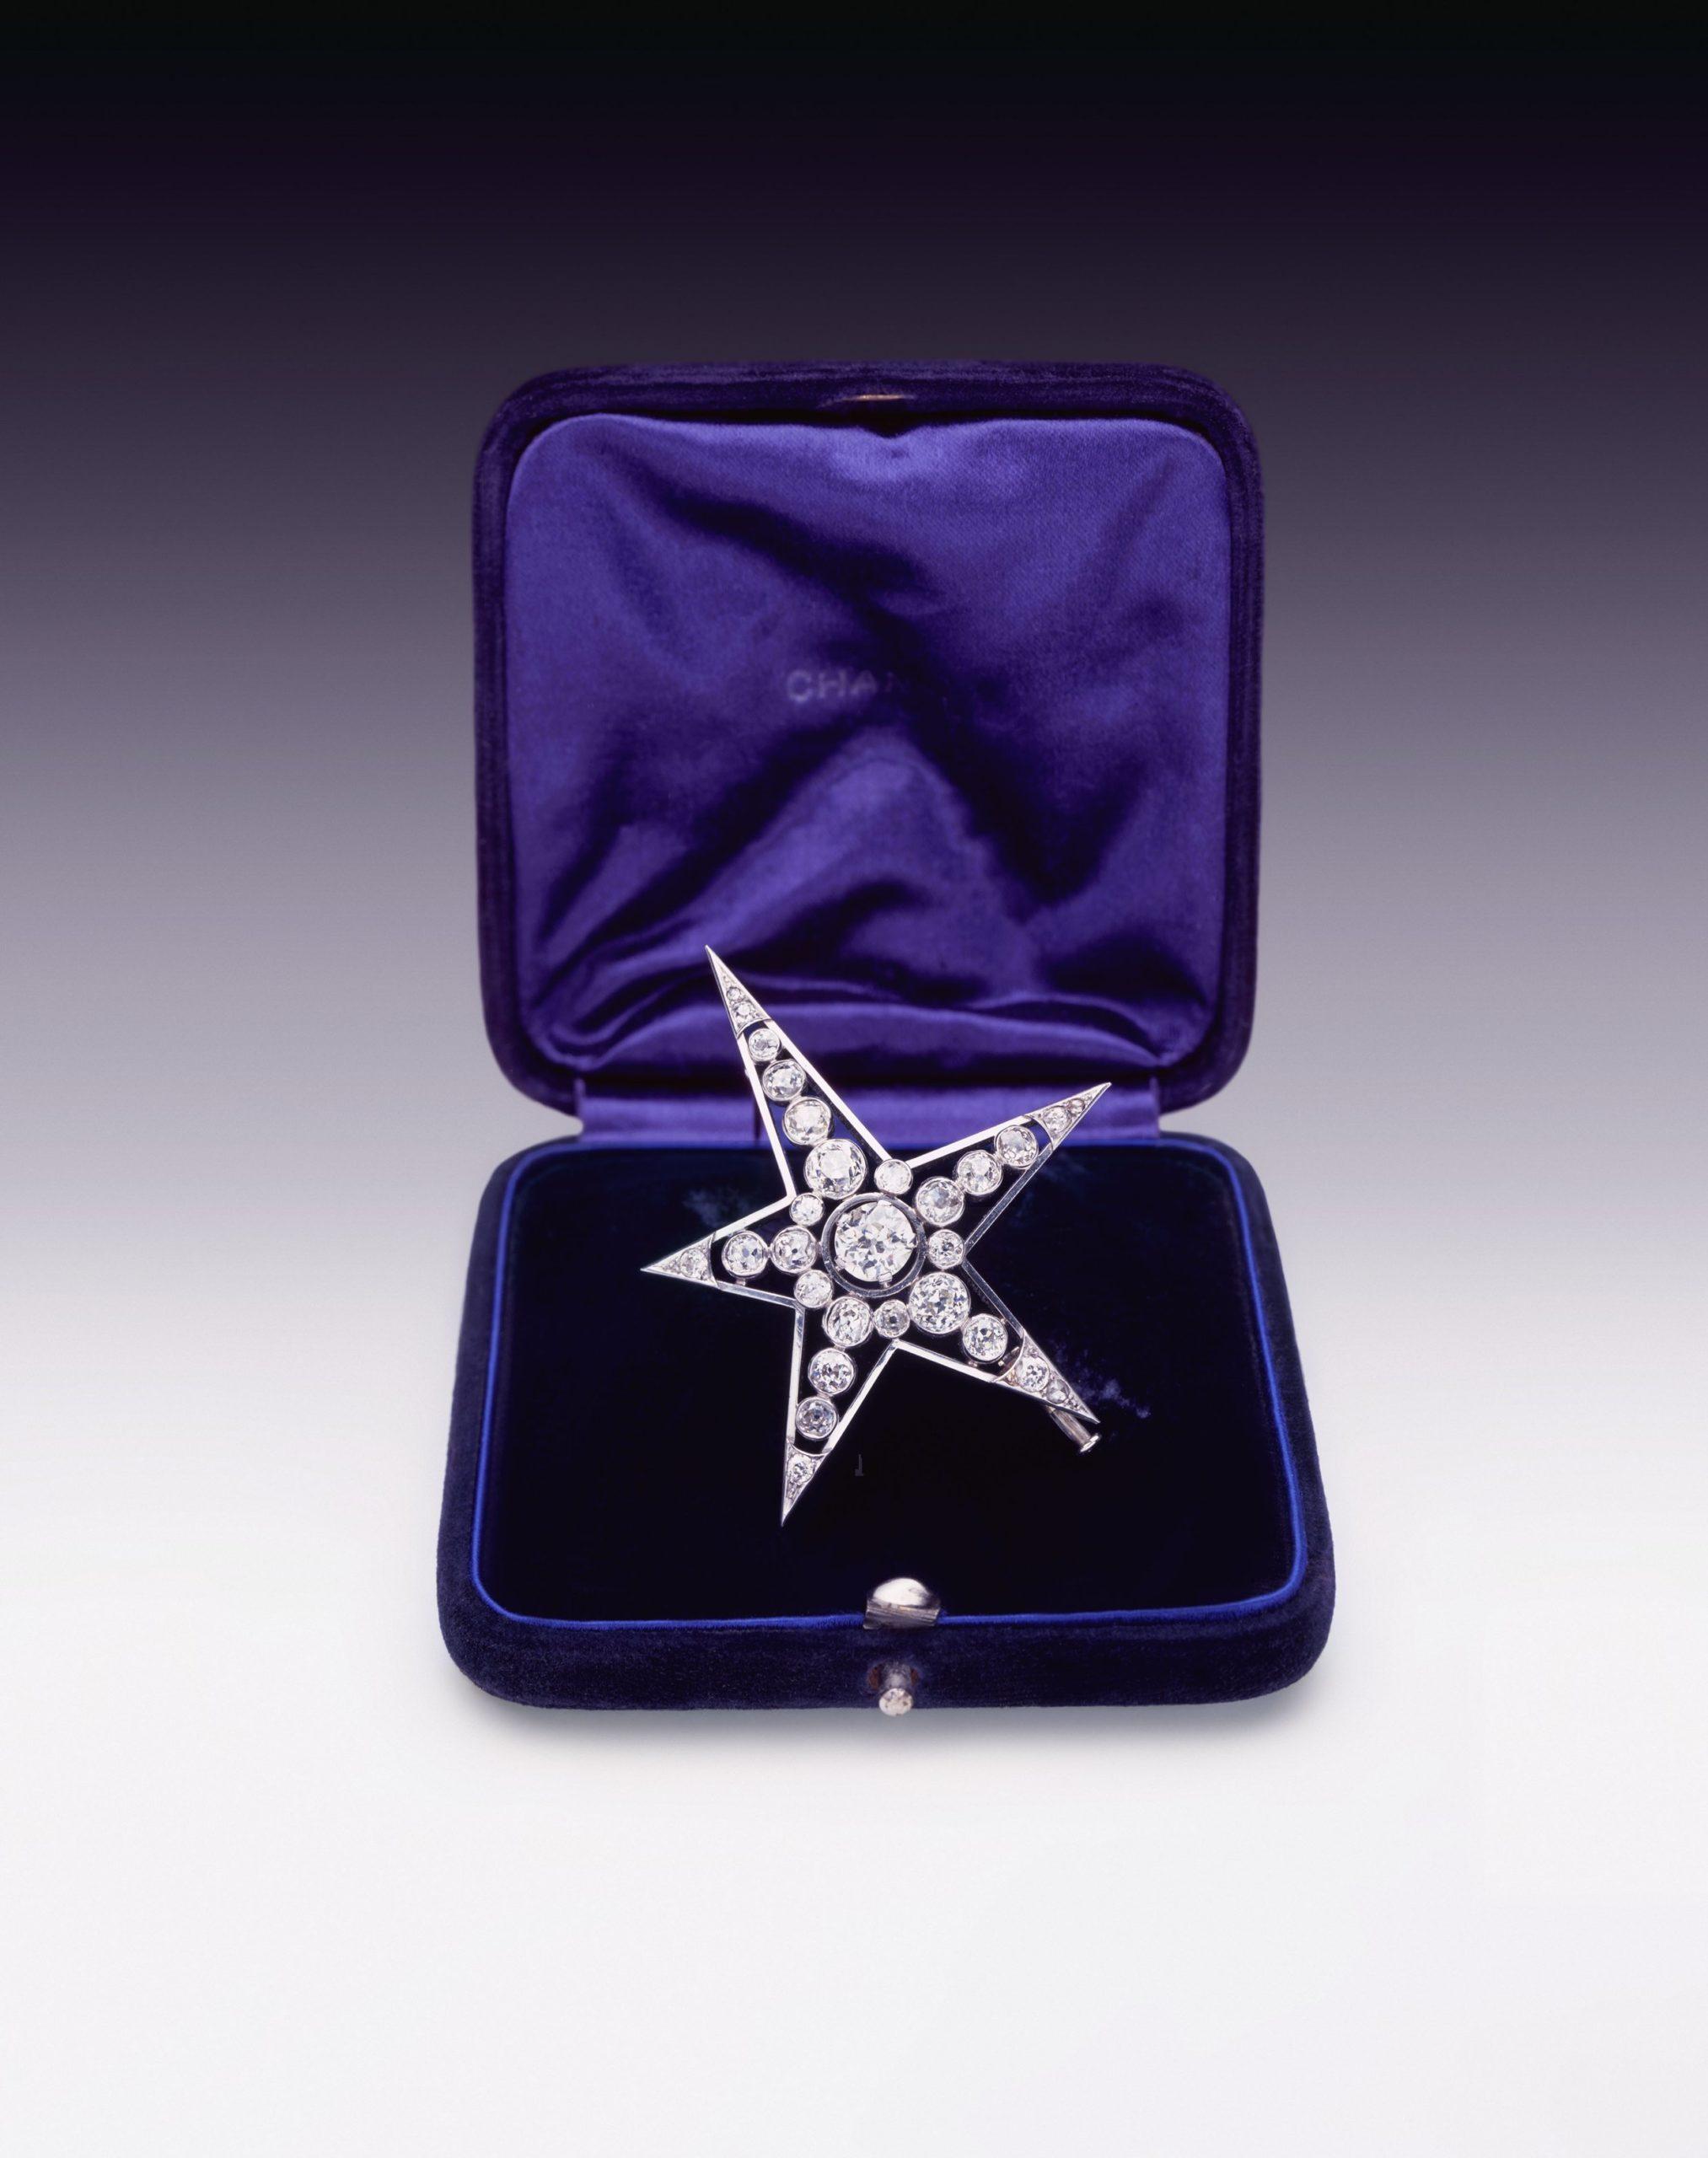 1932 «Exposition de diamants» l'unique de Gabrielle Chanel